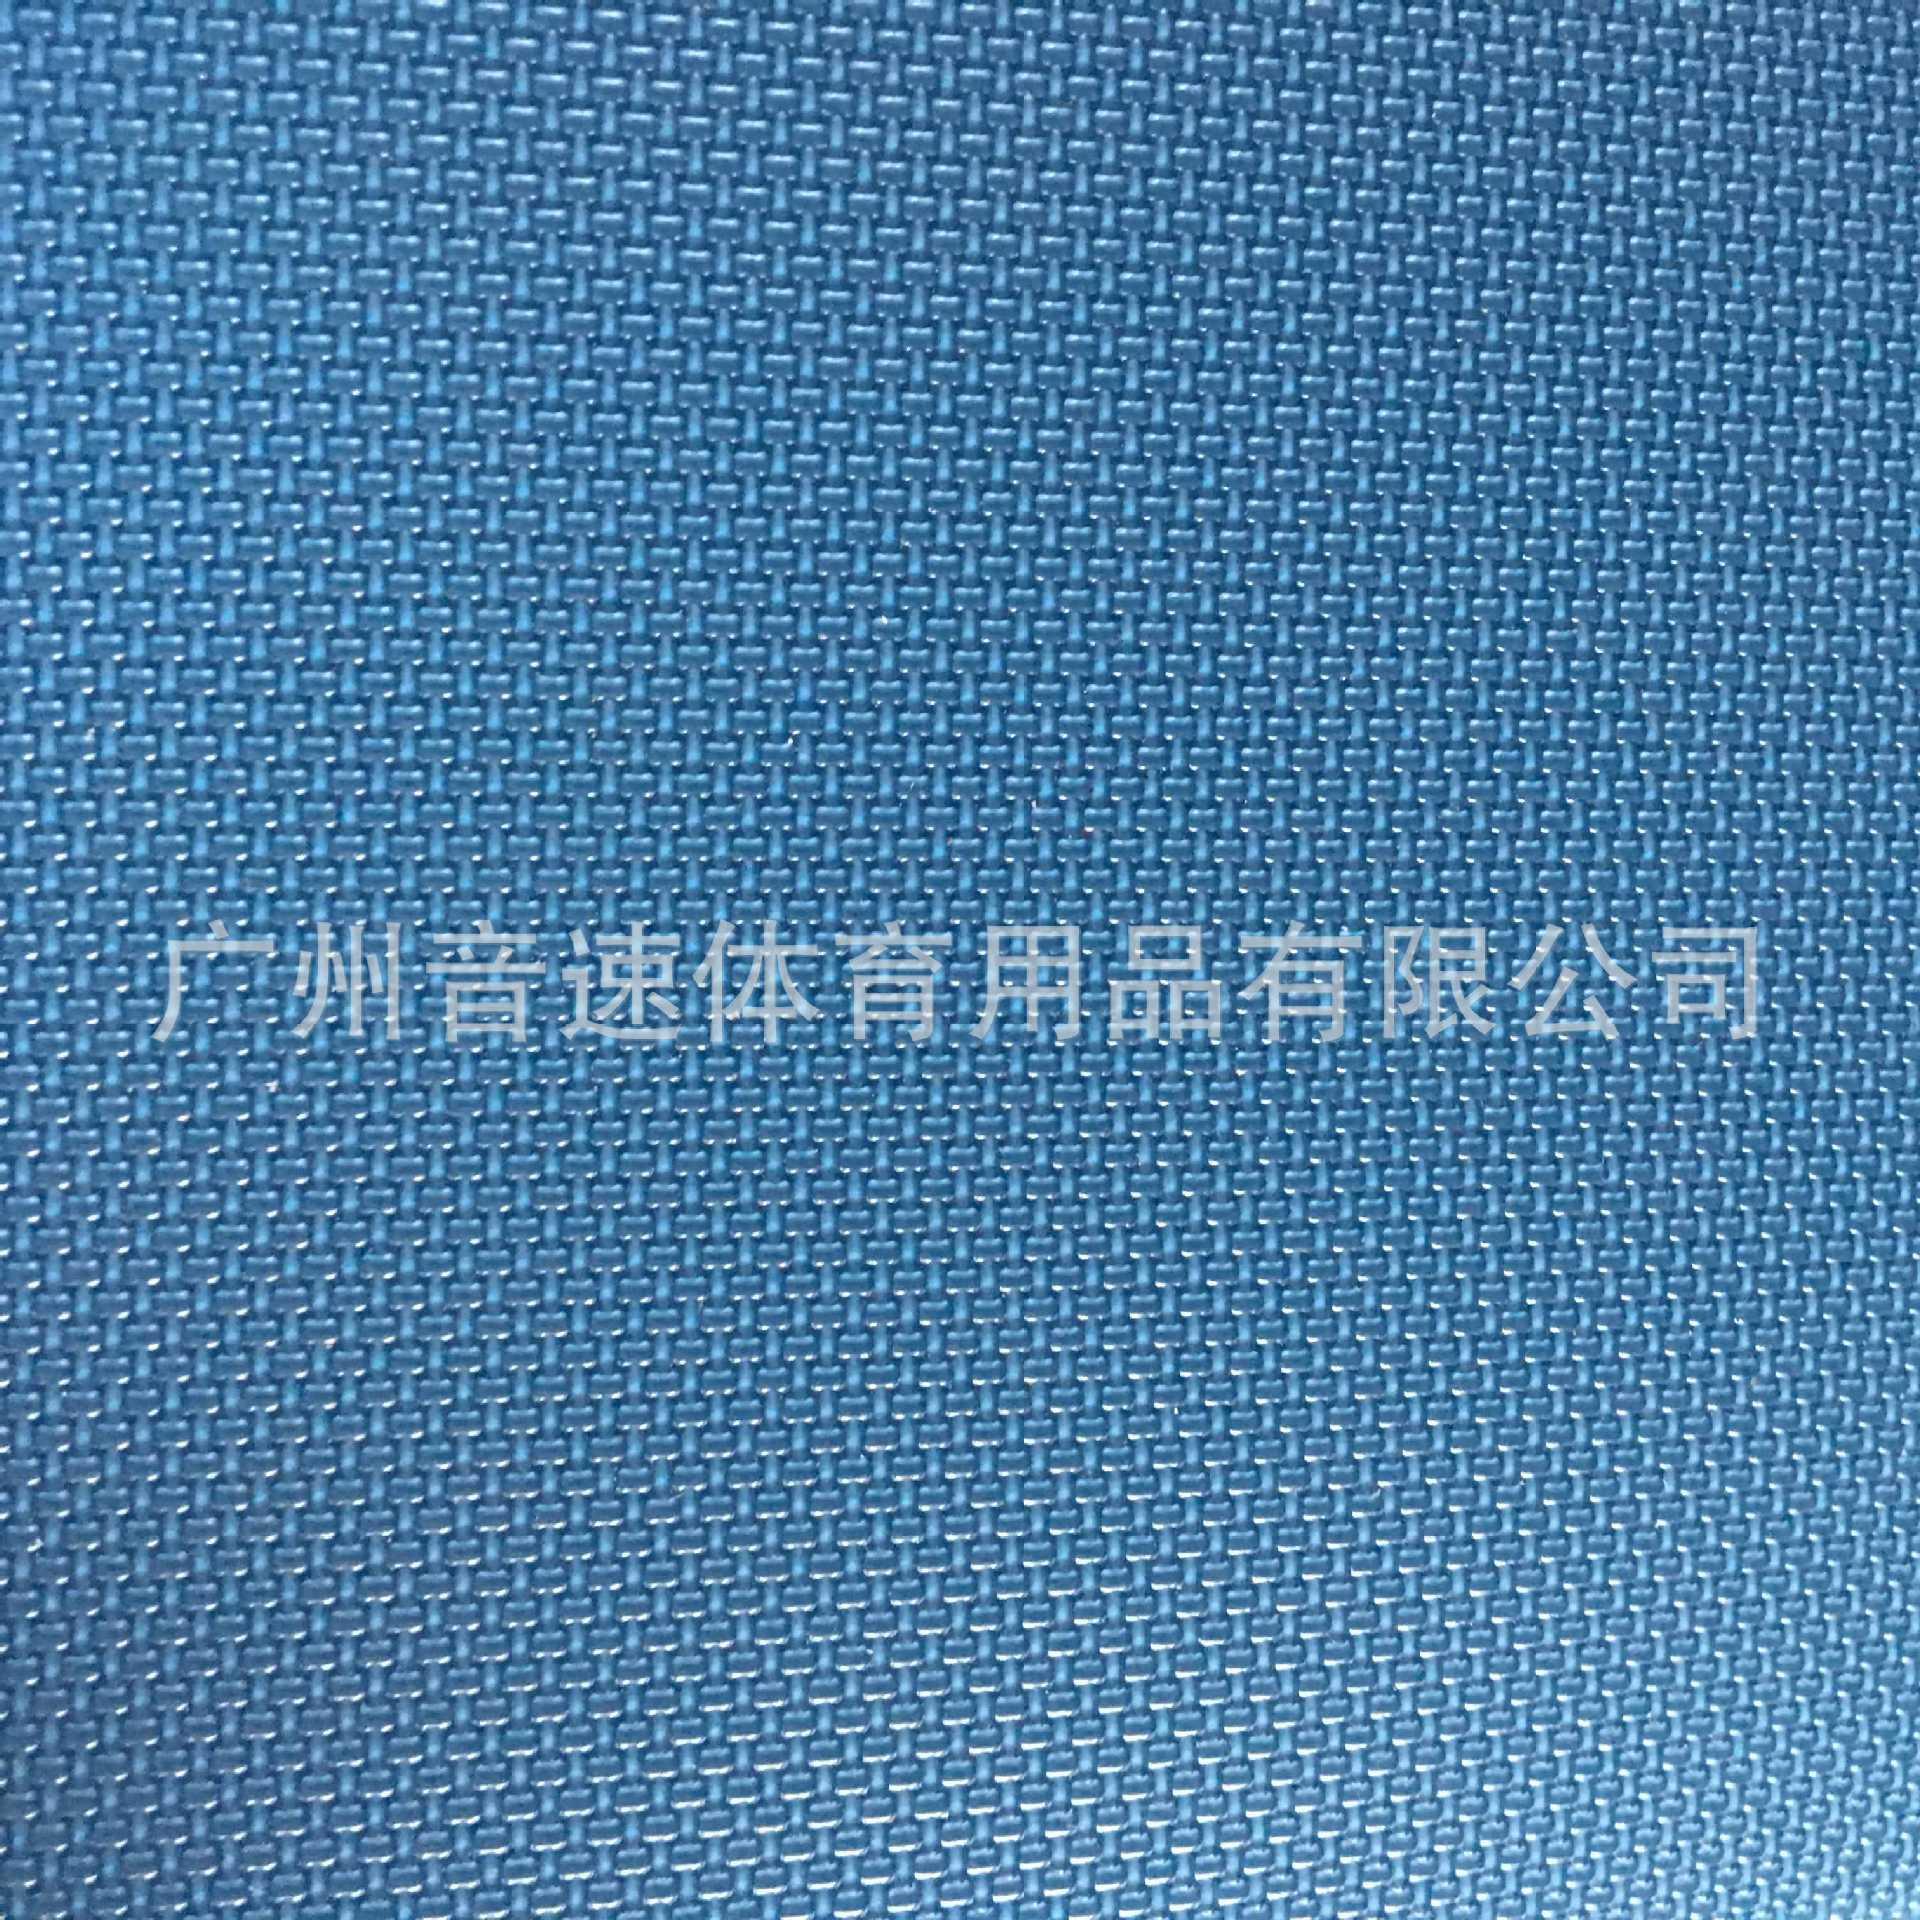 室内布纹5.1mm乒乓球地胶专业塑胶运动场地耐磨防滑PVC地板胶蓝色